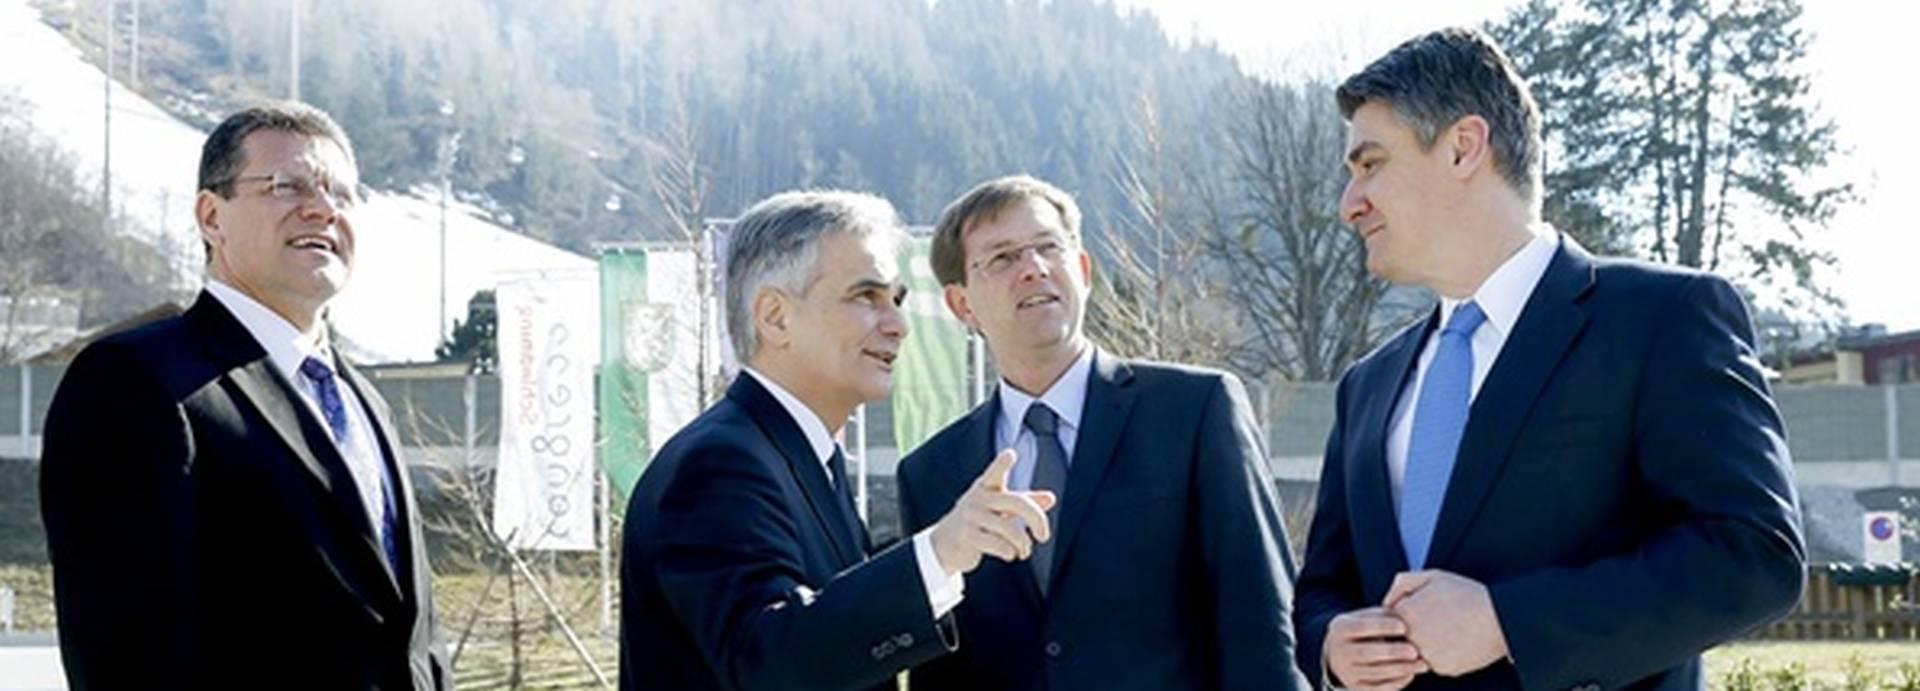 NACIONAL DONOSI Premijer pred Europom skriva propuste u izgradnji LNG terminala na Krku